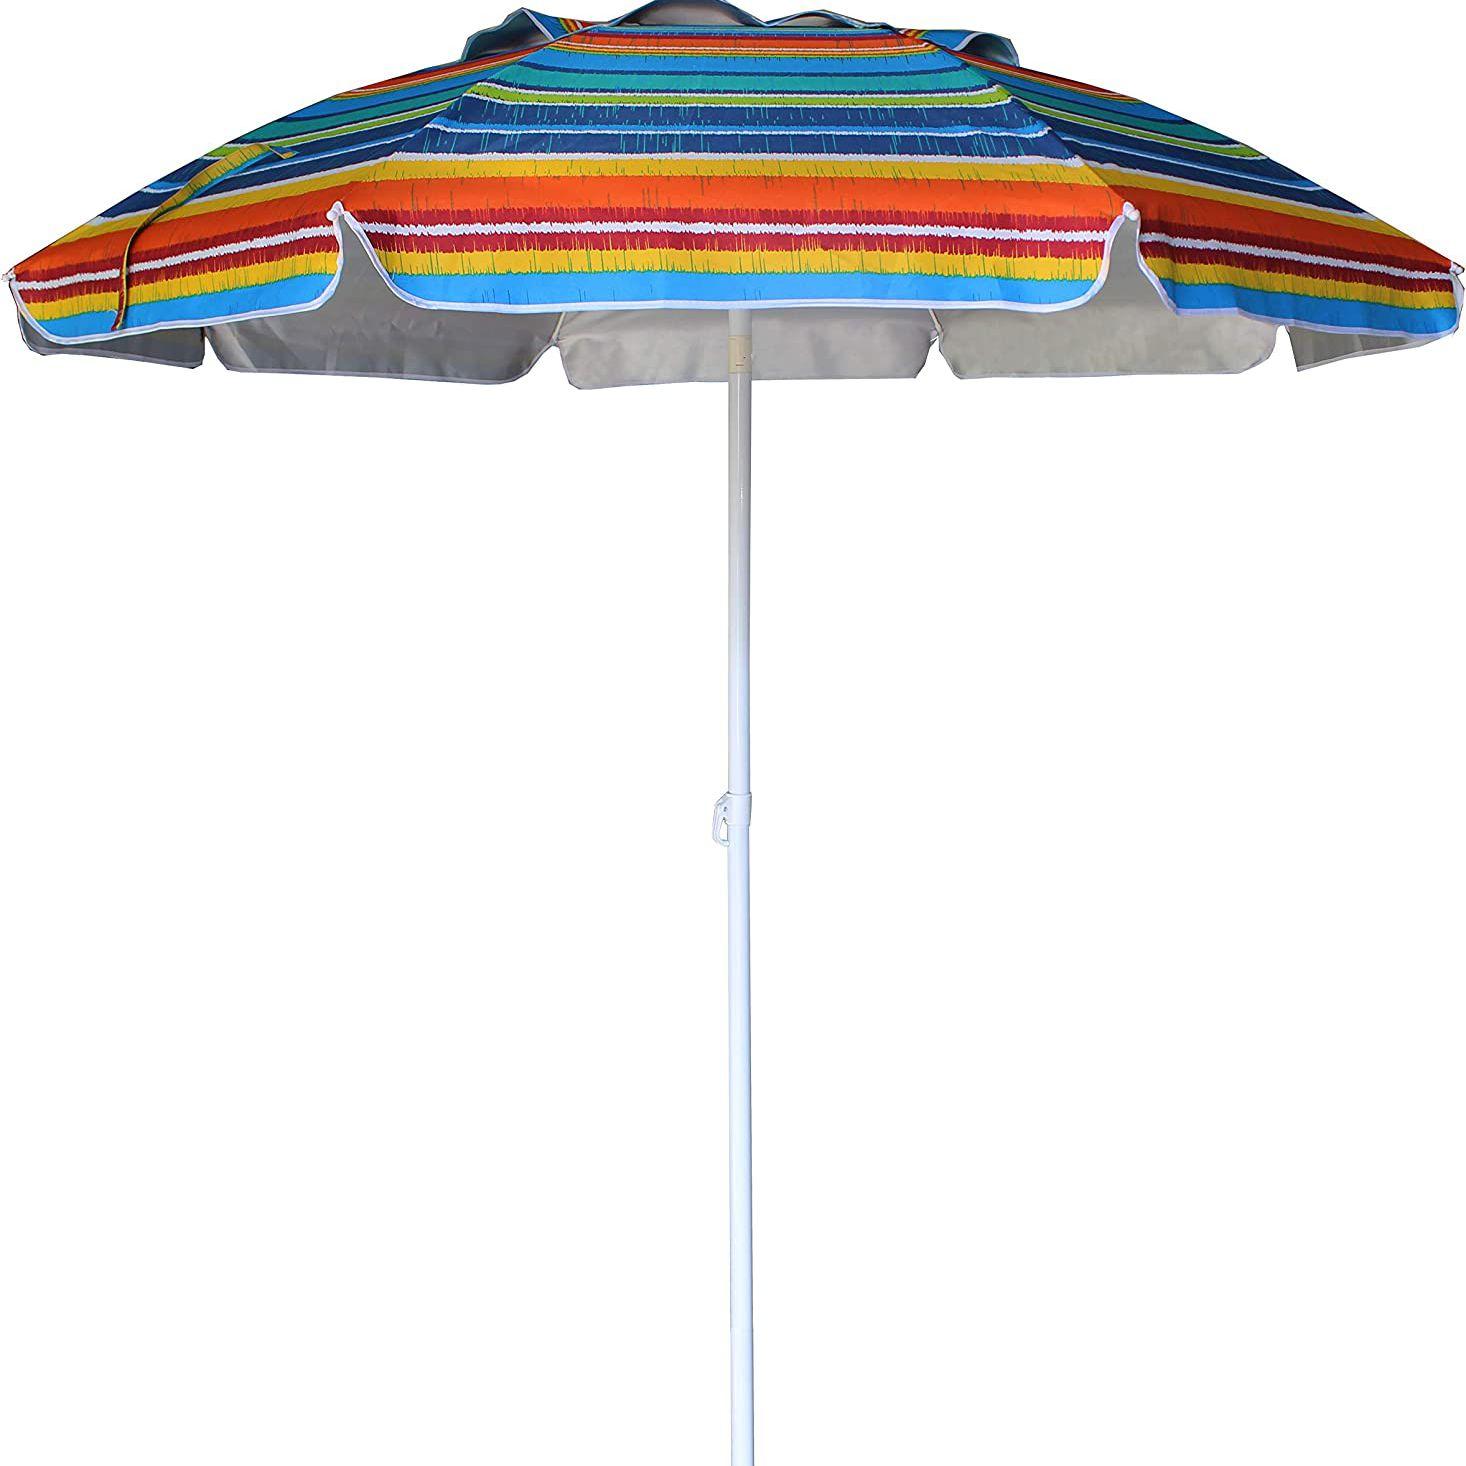 AMMSUN Outdoor Patio Beach Umbrella